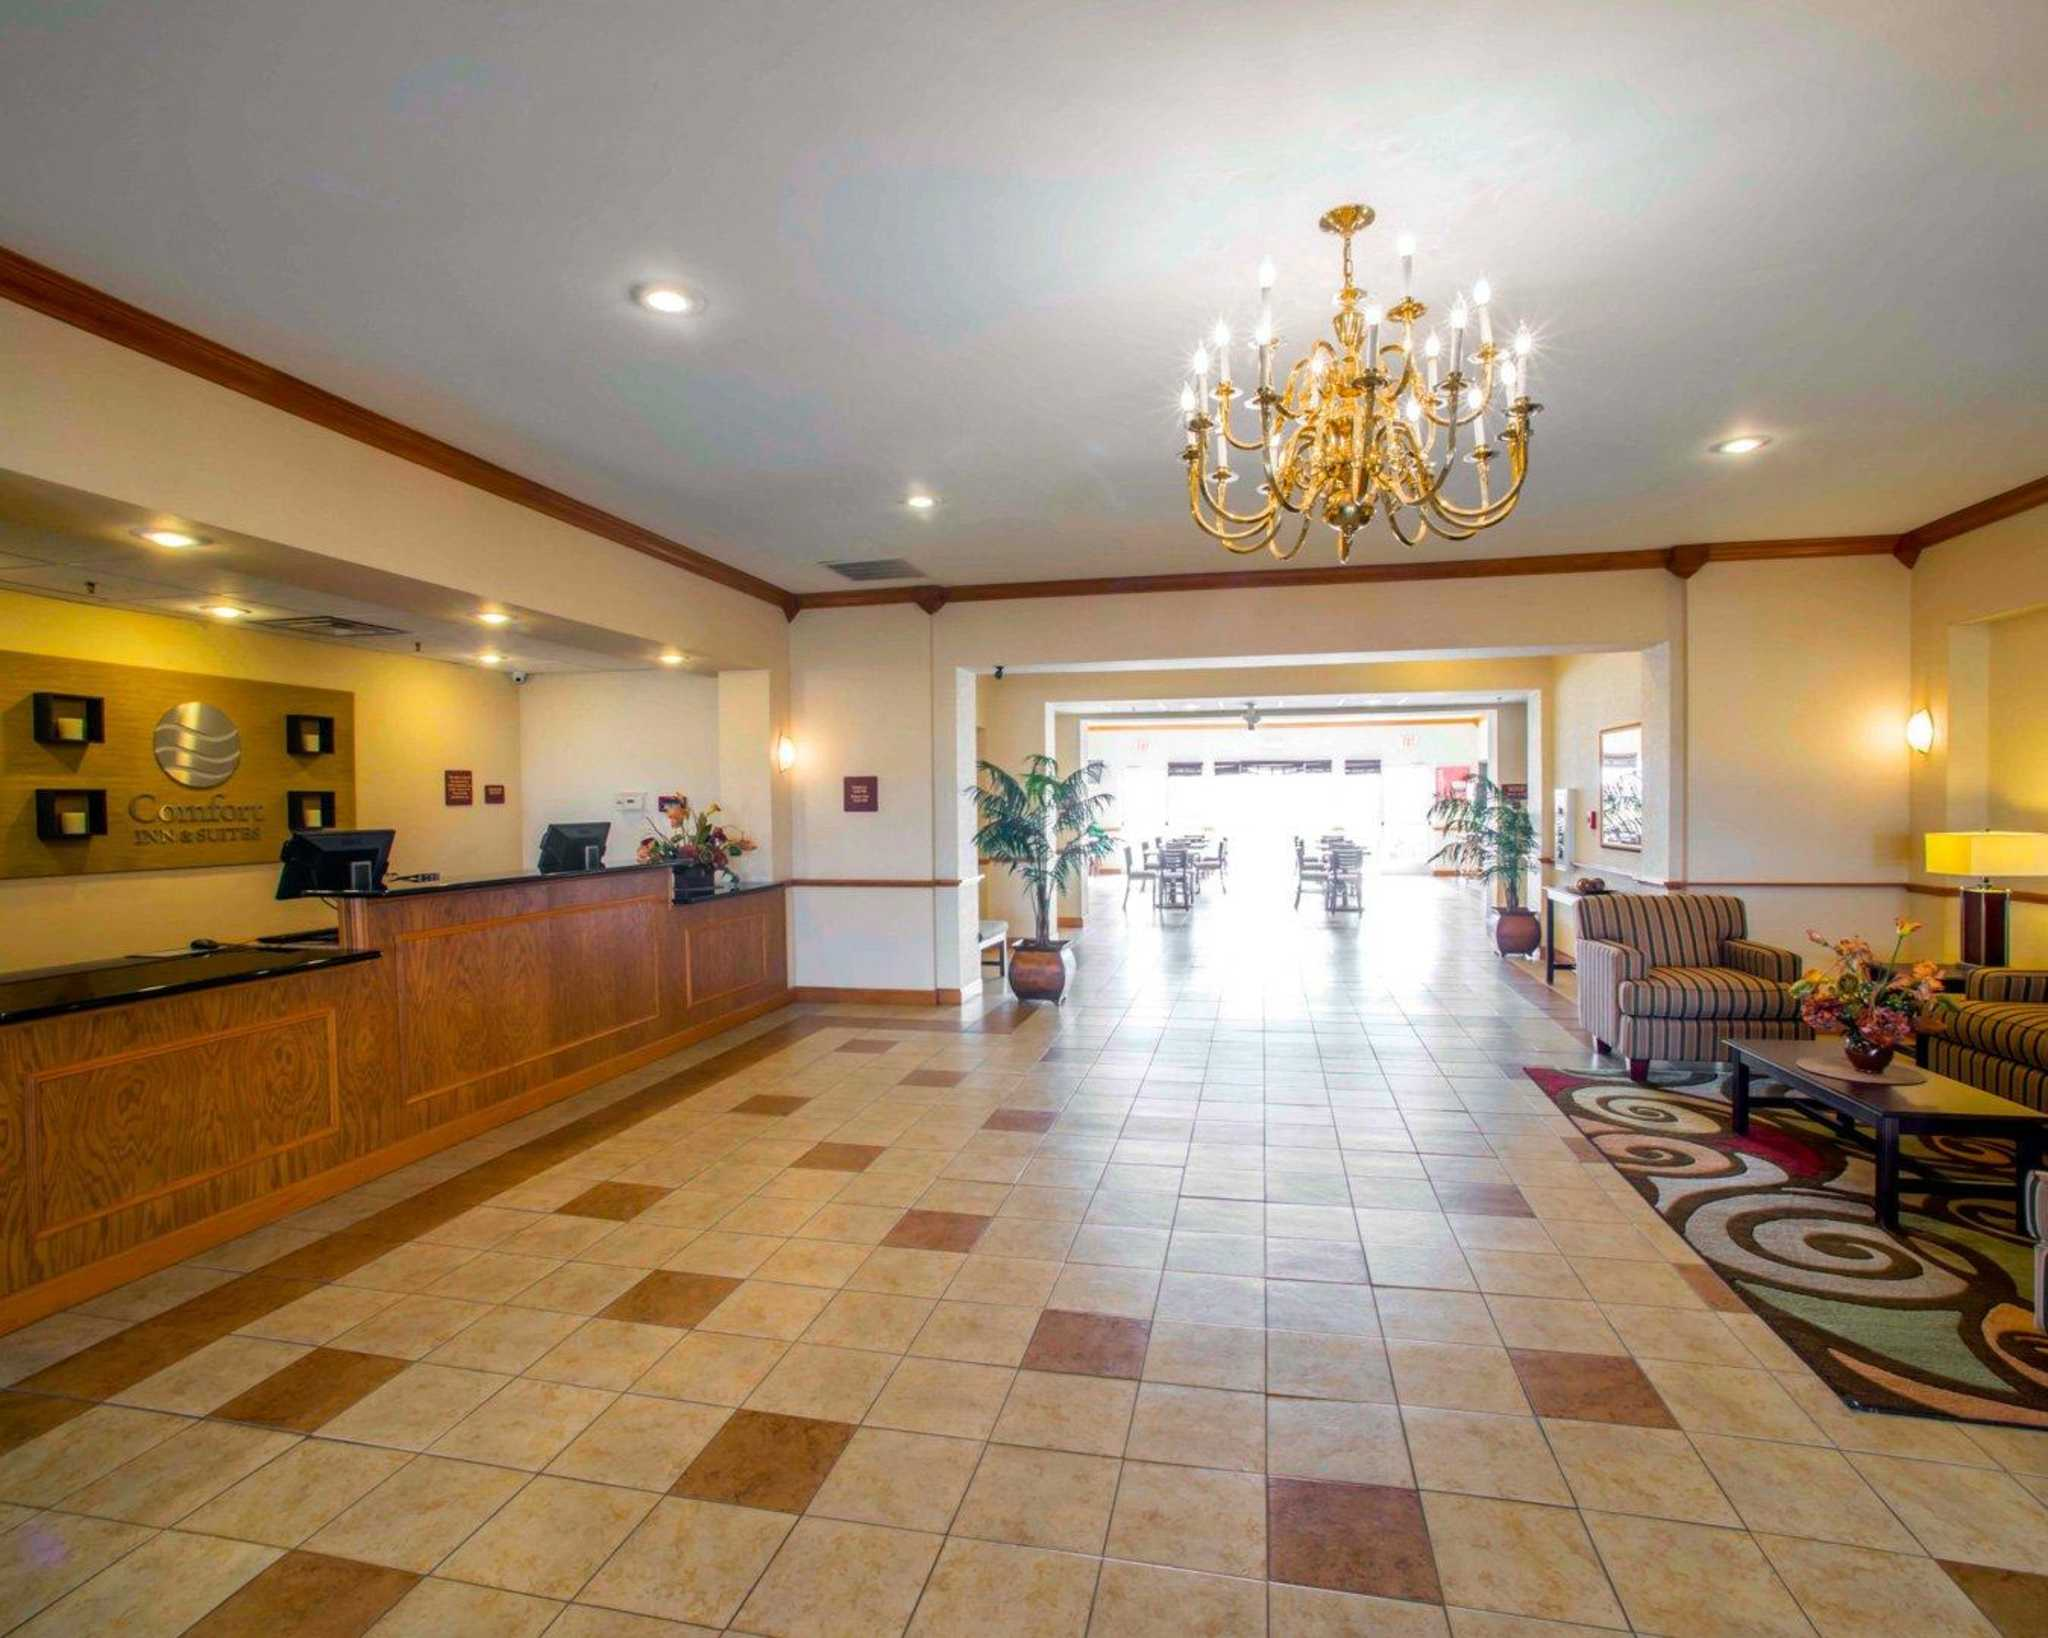 Comfort Inn & Suites Greenville I-70 image 16